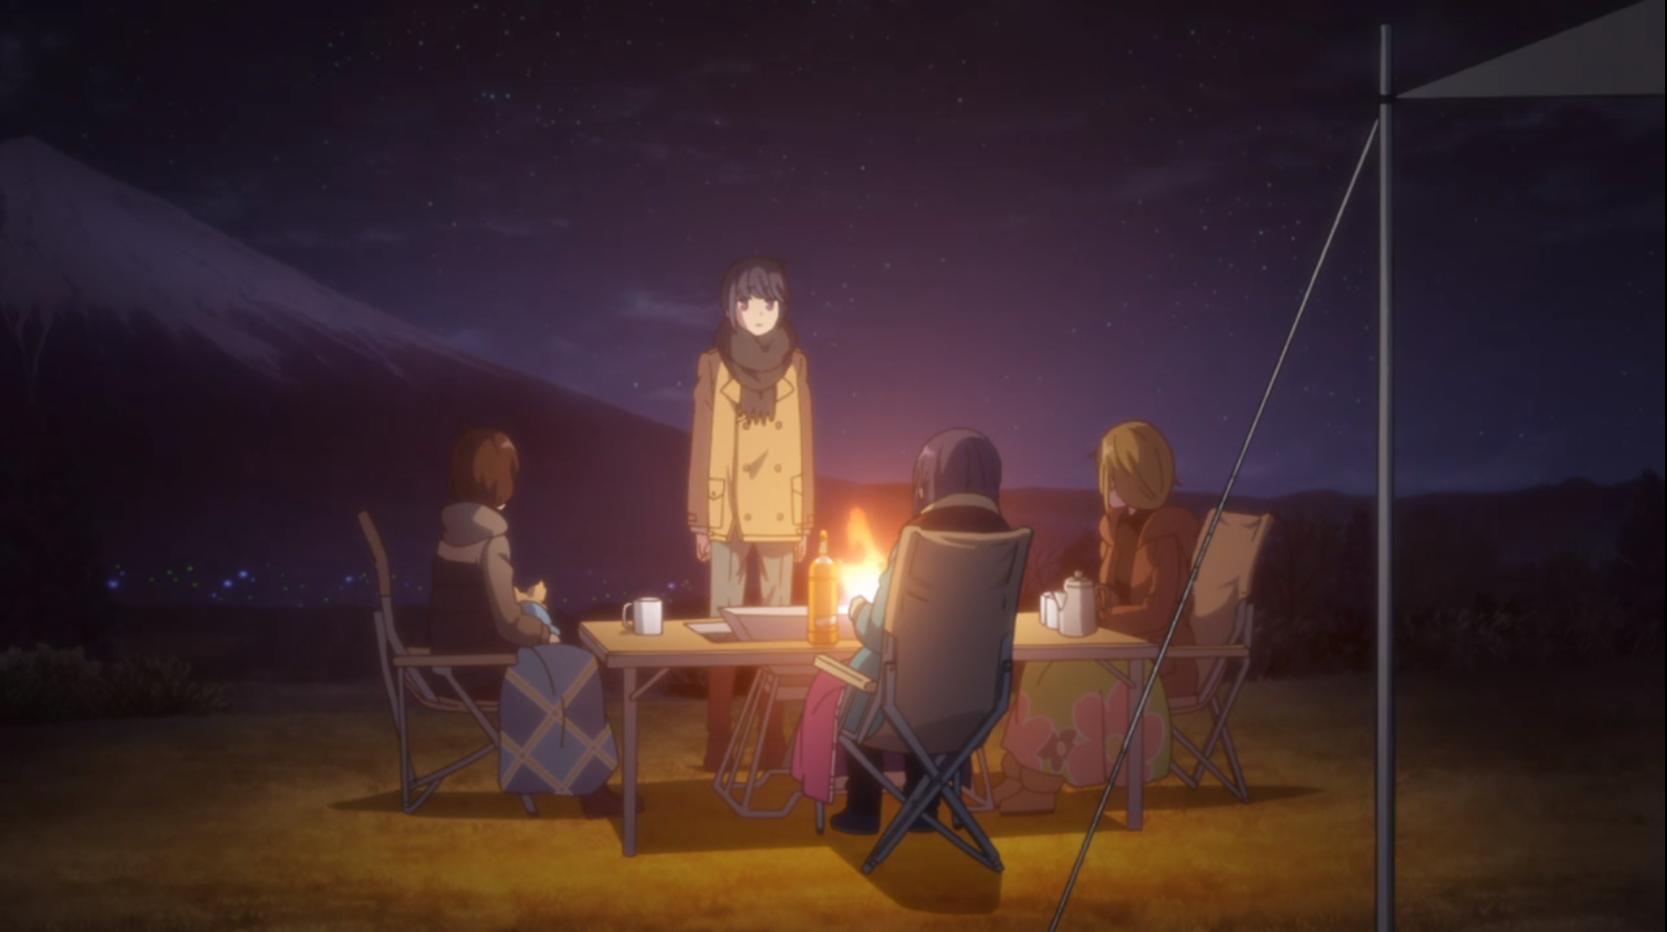 アニメ『ゆるキャン△』12話の朝霧高原キャンプ場での10年後妄想